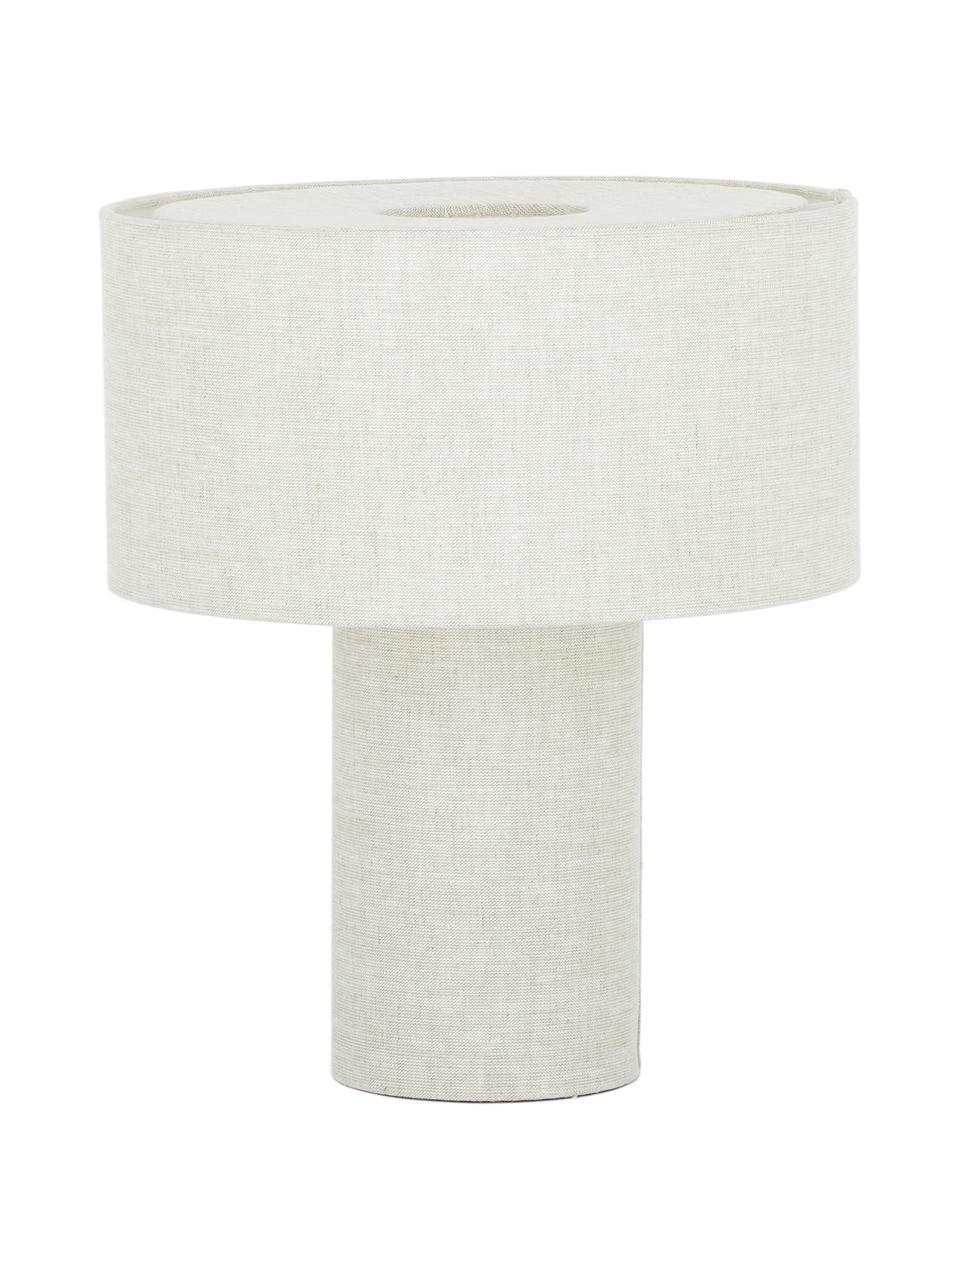 Lámpara de mesa Ron, Pantalla: tela, Cable: plástico, Beige, Ø 30 x Al 35 cm